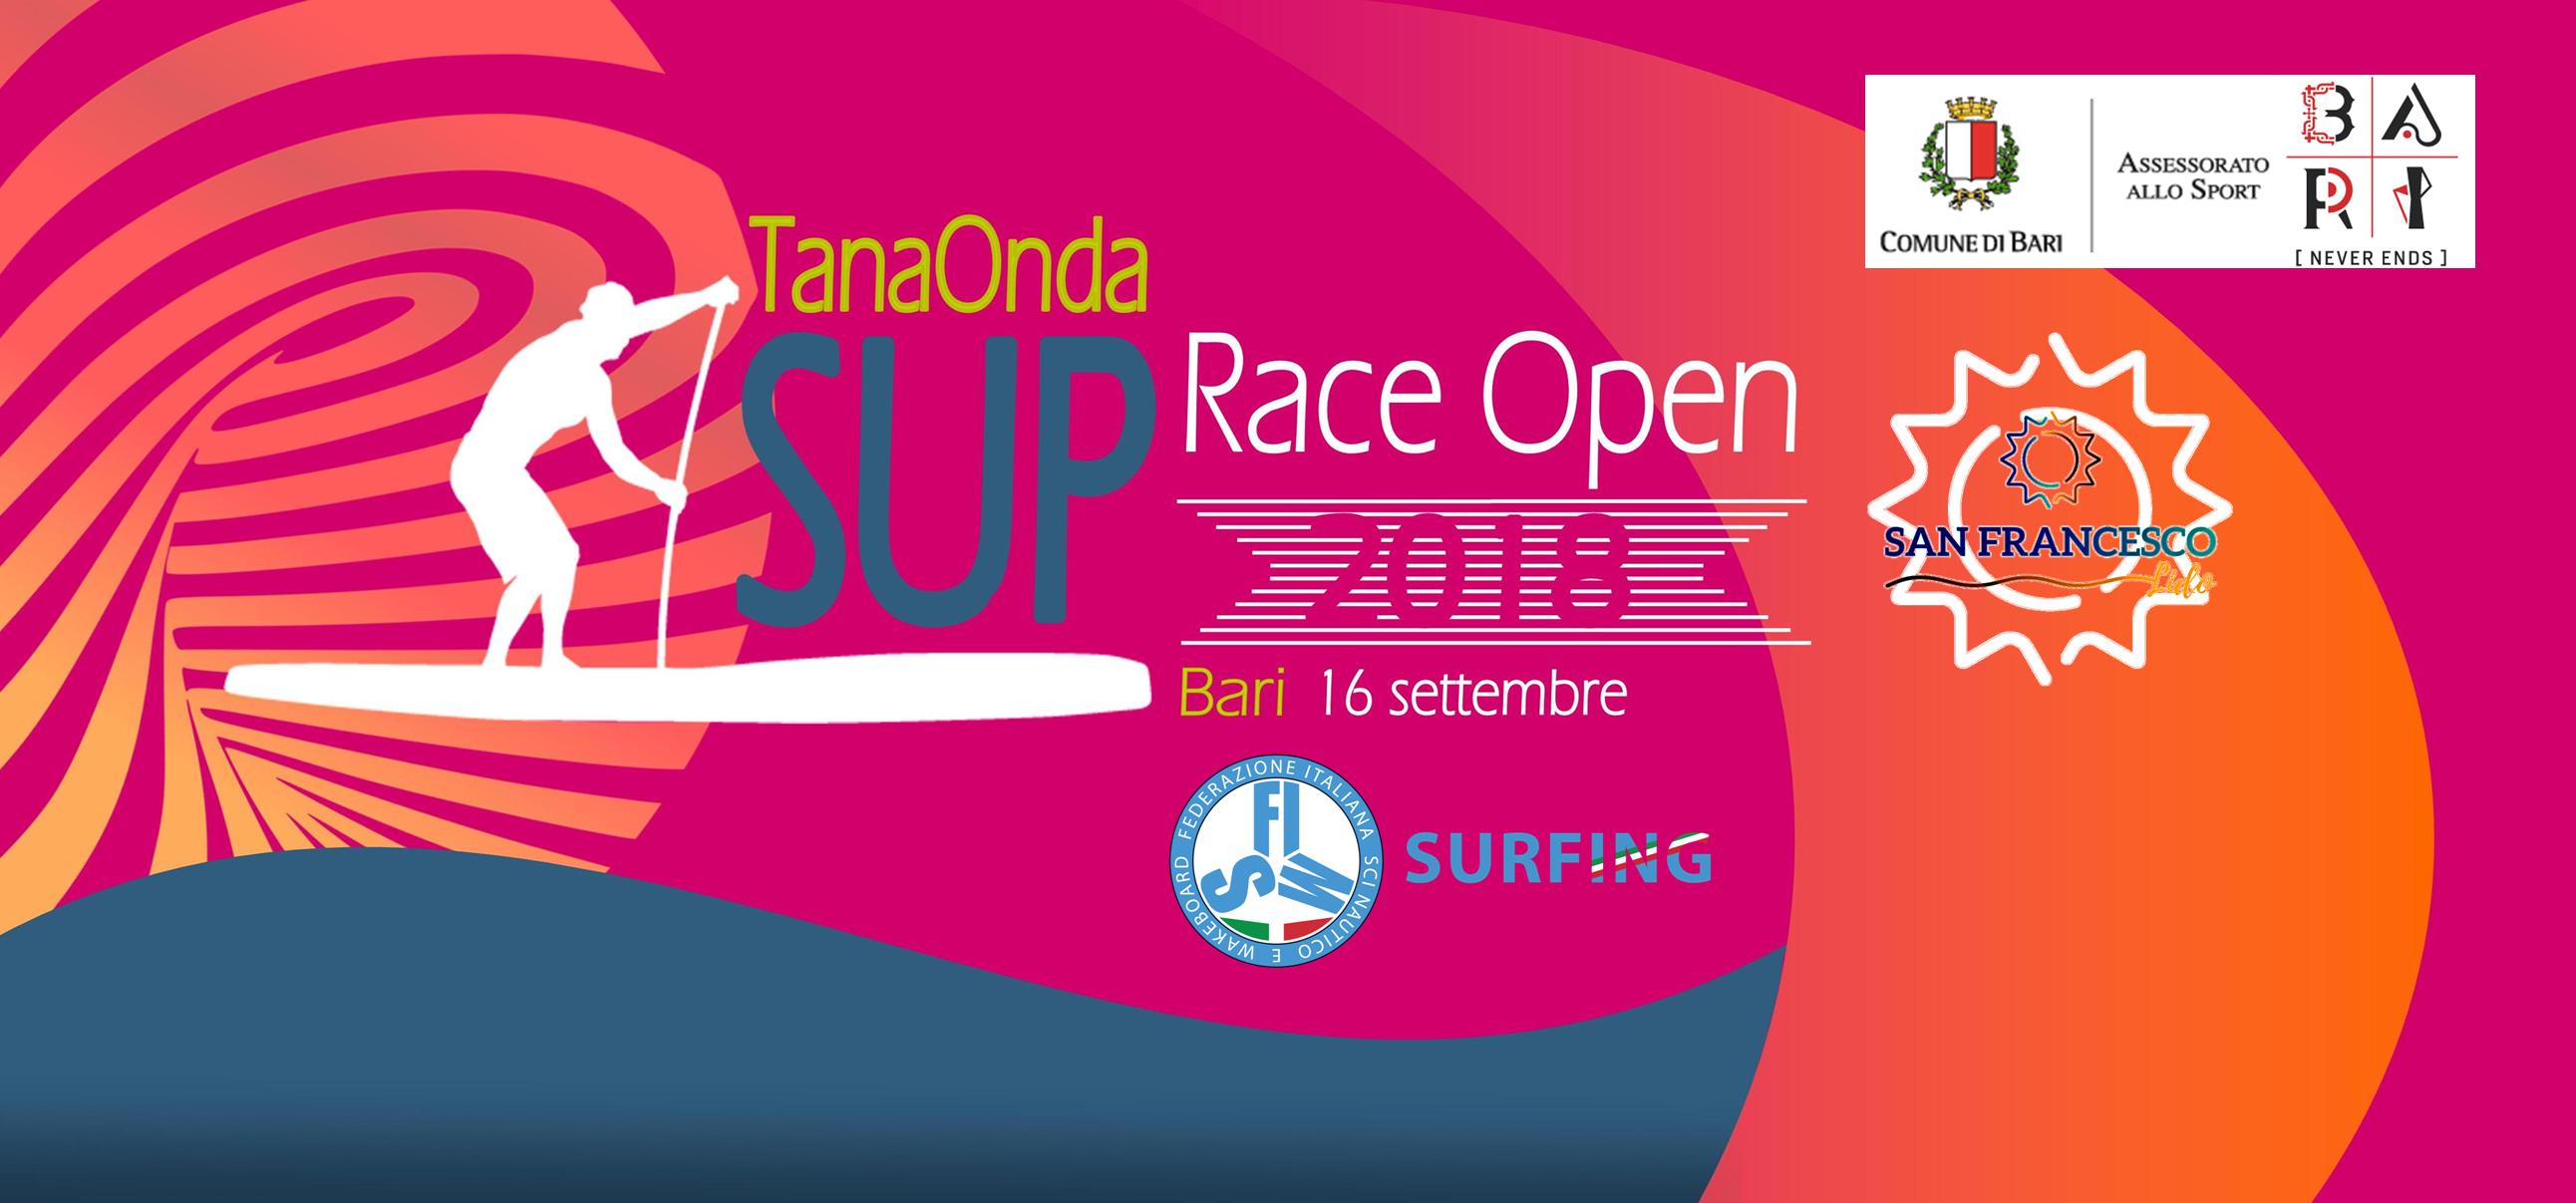 VADEVECUM PARTECIPAZIONE #Tanaonda SUP Race 2018